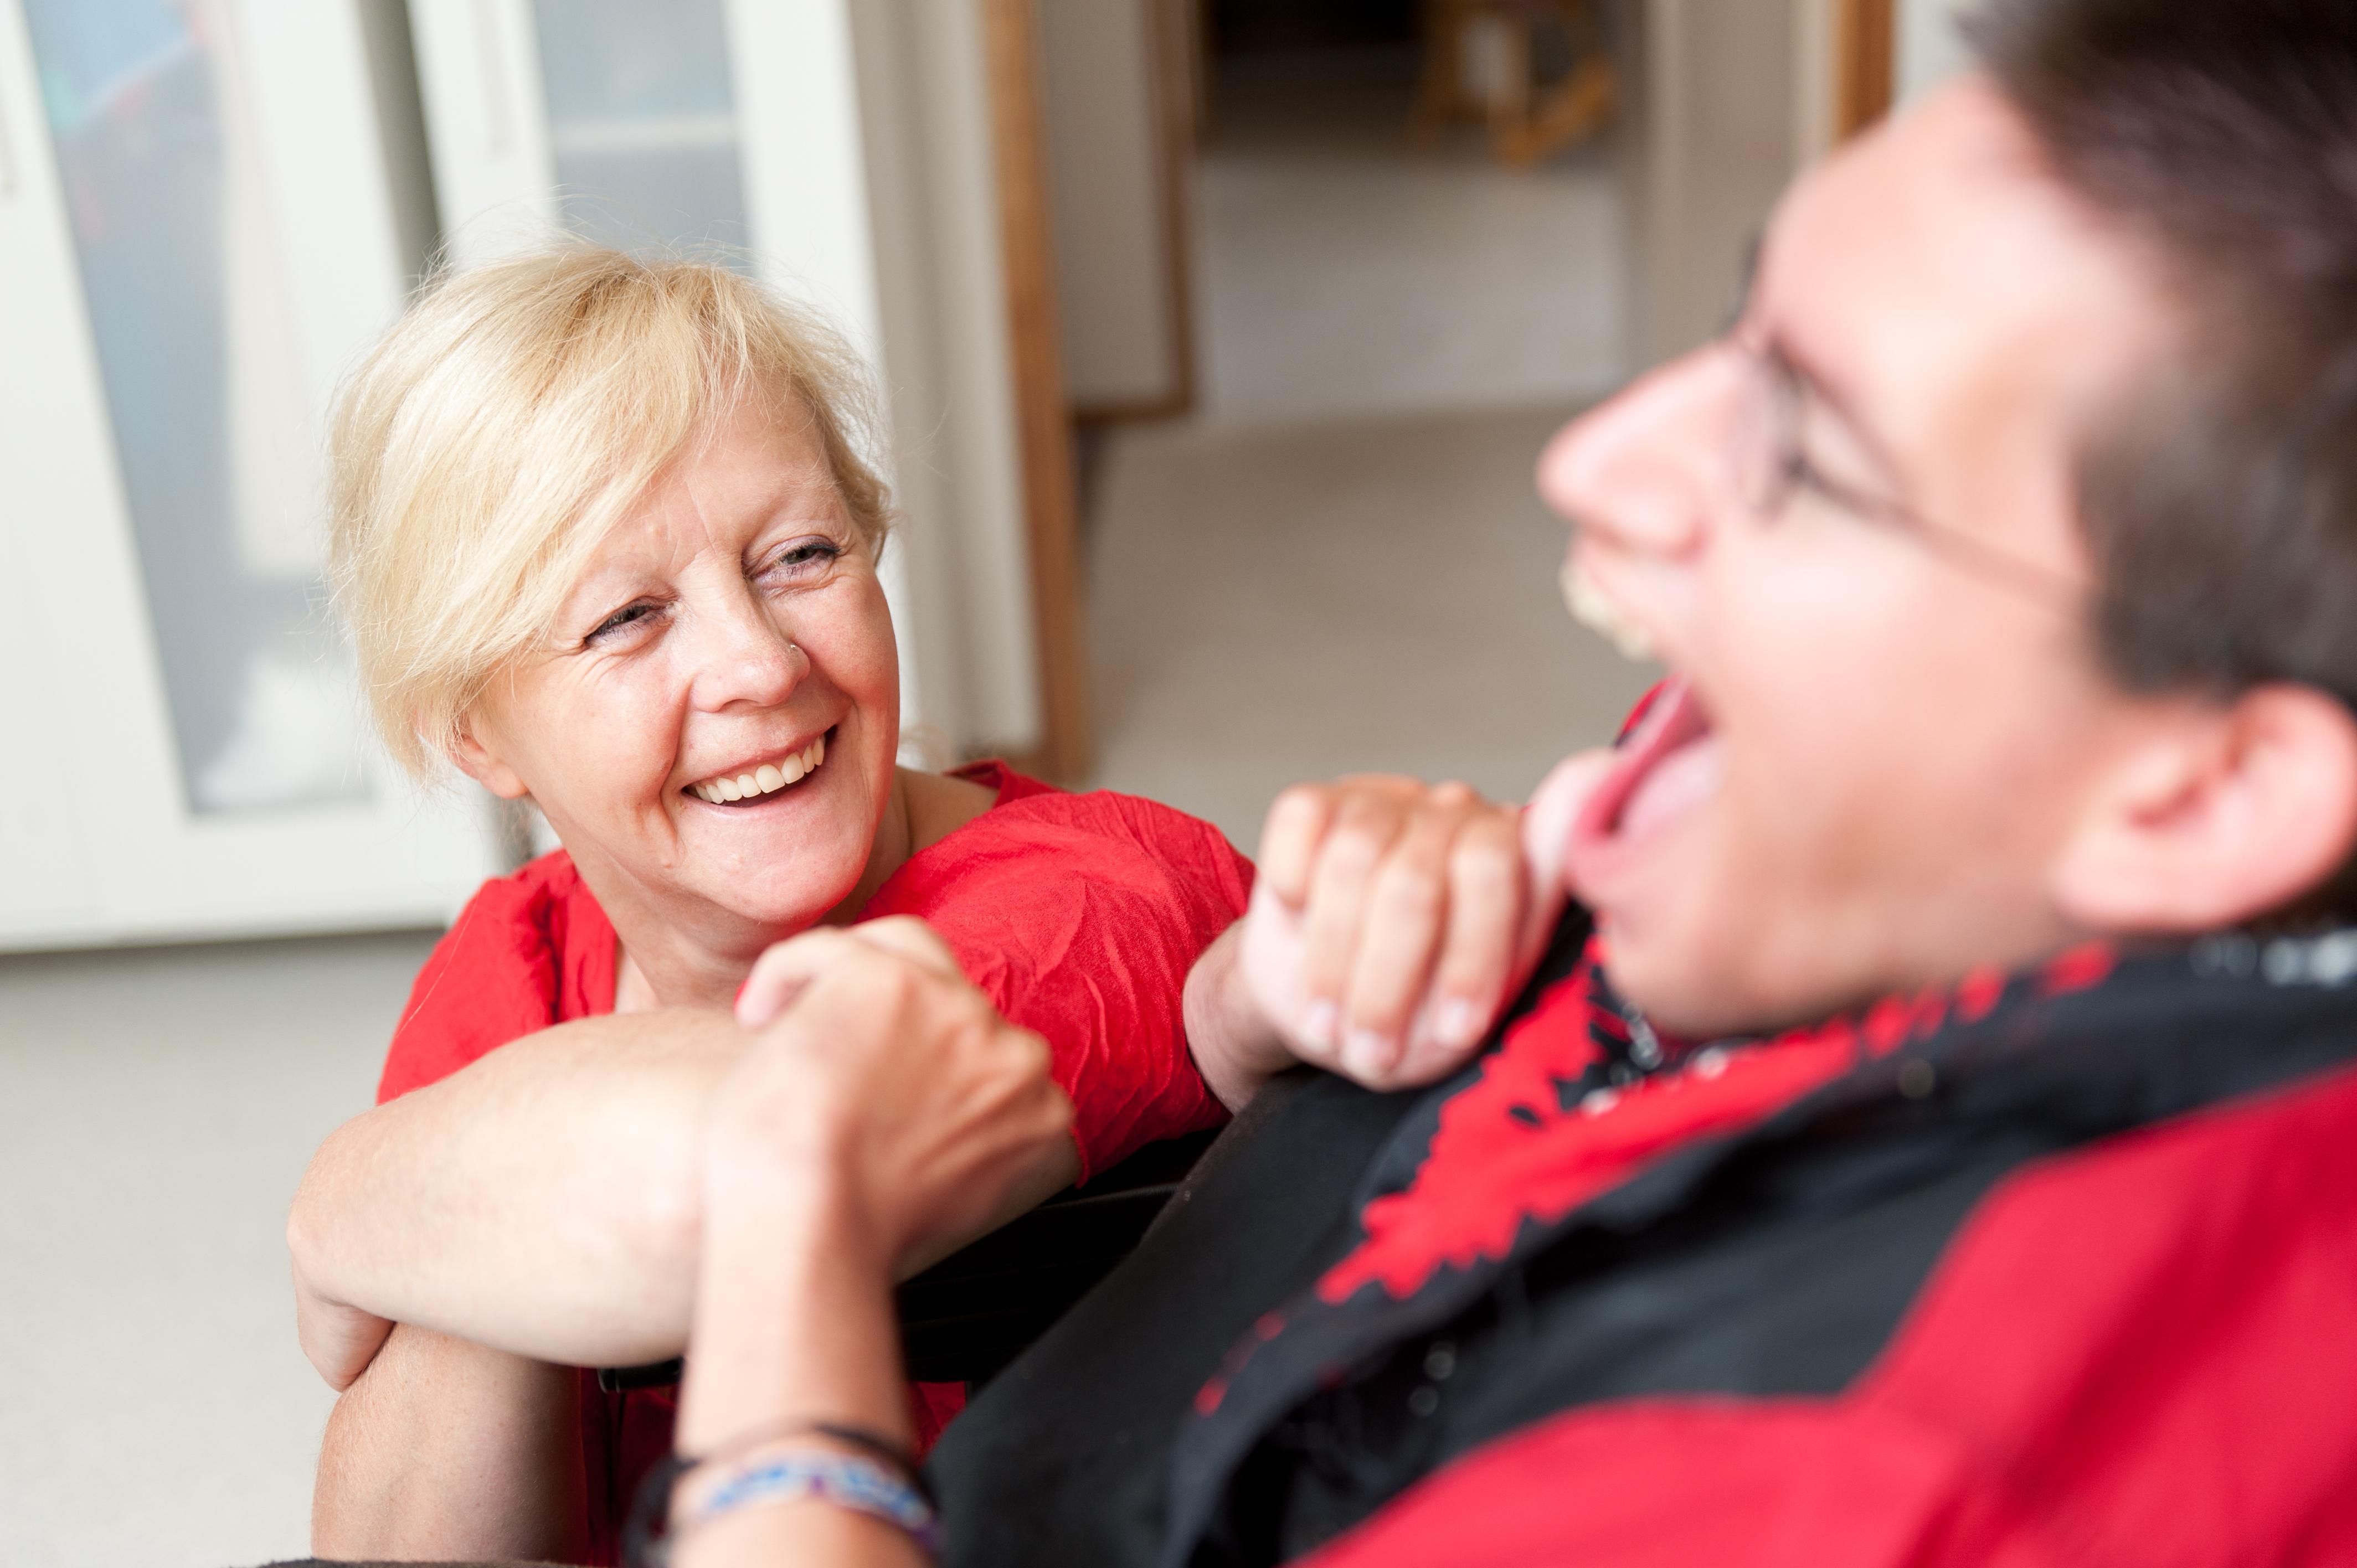 Lees meer over Participatie van volwassenen met visuele en (zeer) ernstige verstandelijke beperkingen